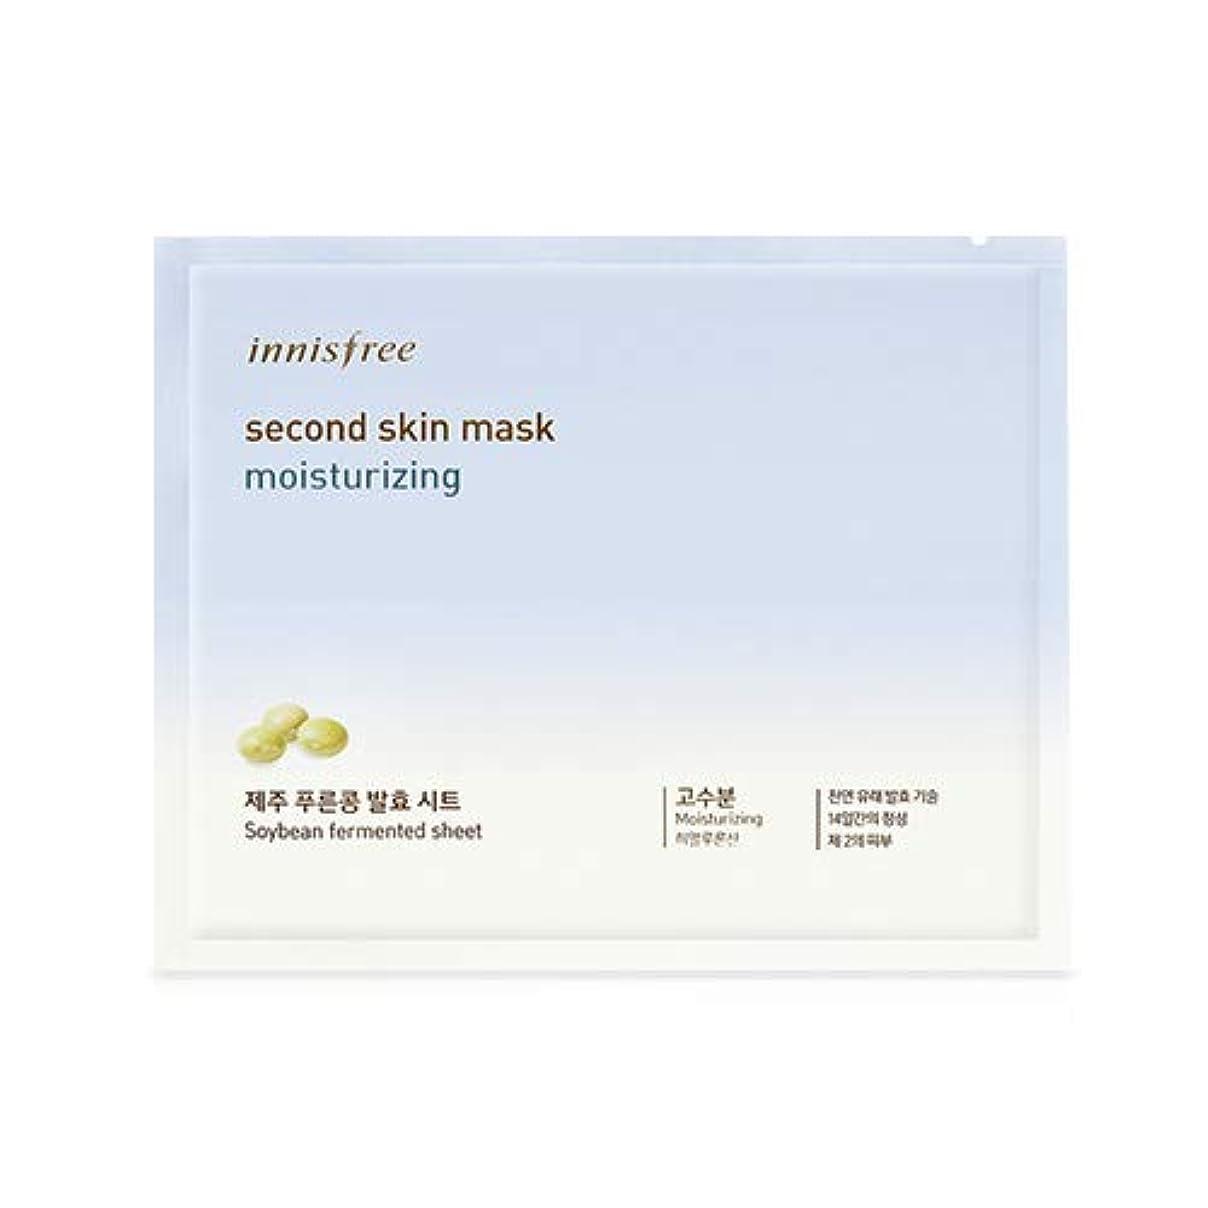 シリングケントプレゼン[Original] イニスフリーセカンドスキンマスクシート20g x 3個 - モイスチャライジング/Innisfree Second Skin Mask Sheet 20g x 3pcs - Moisturizing...